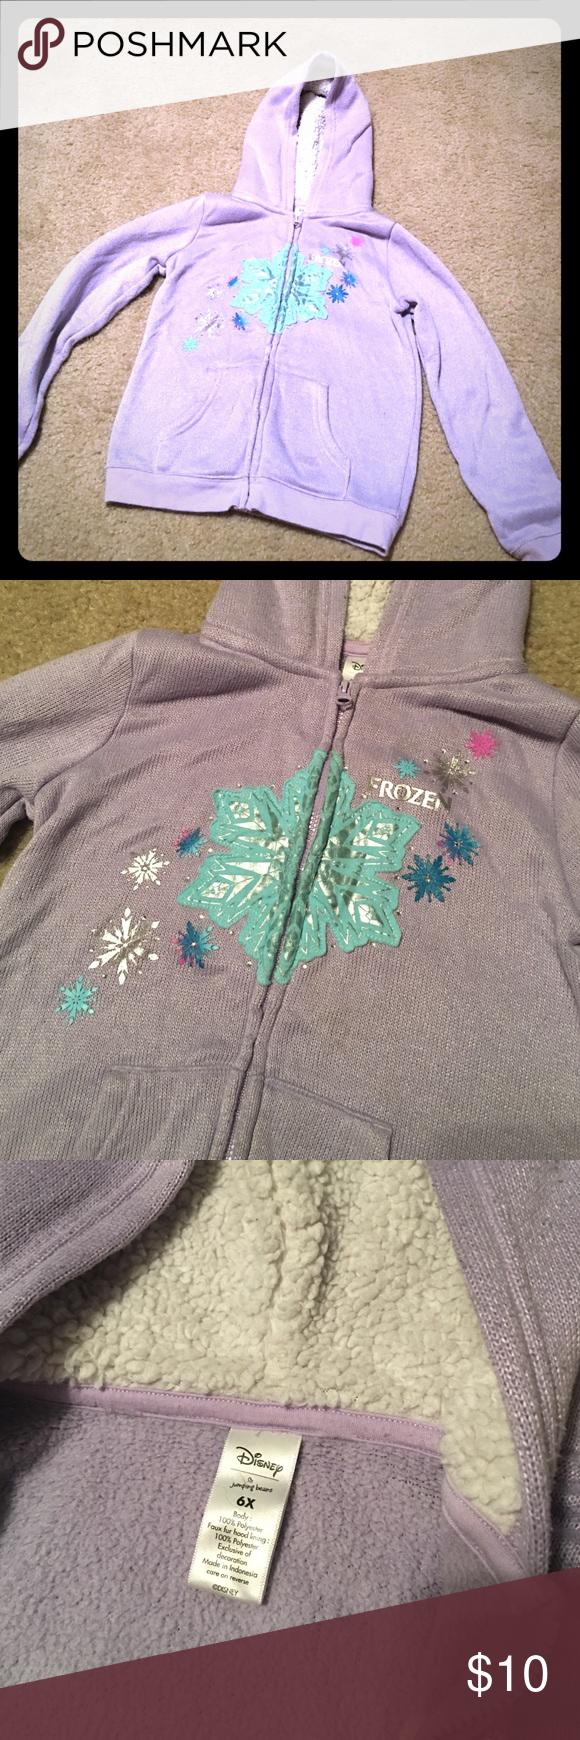 Frozen zip up sweater Girls frozen zip up sweater. Light purple size 6x Disney Shirts & Tops Sweatshirts & Hoodies